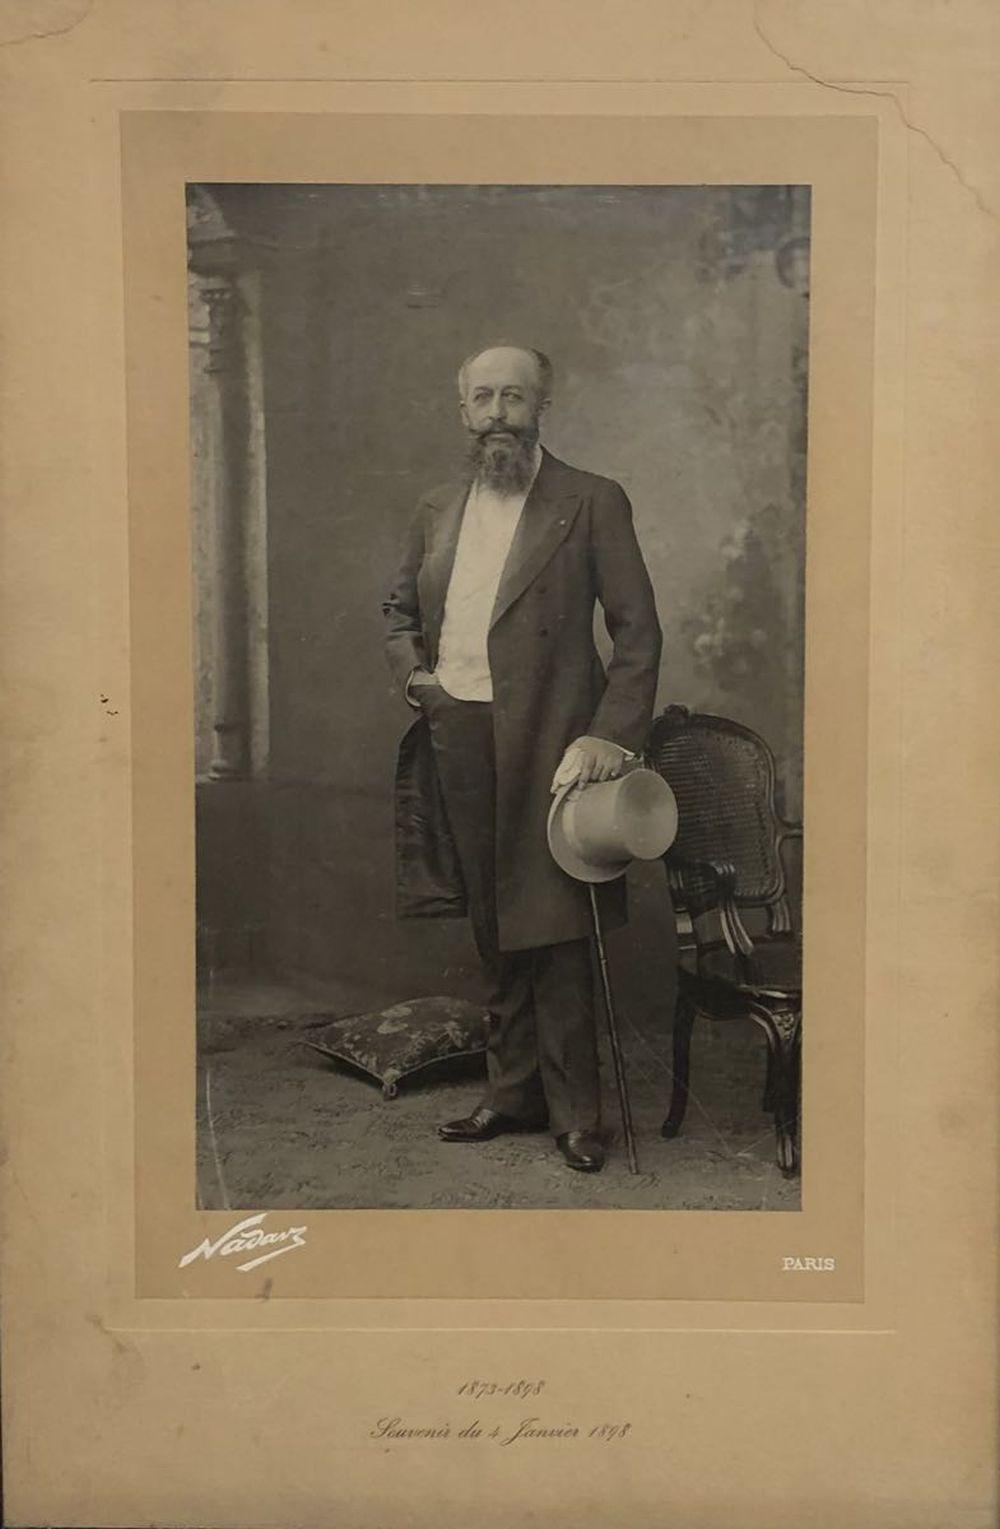 Gaspard-Félix TOURNACHON, dit NADAR - [Portrait]. 1873-